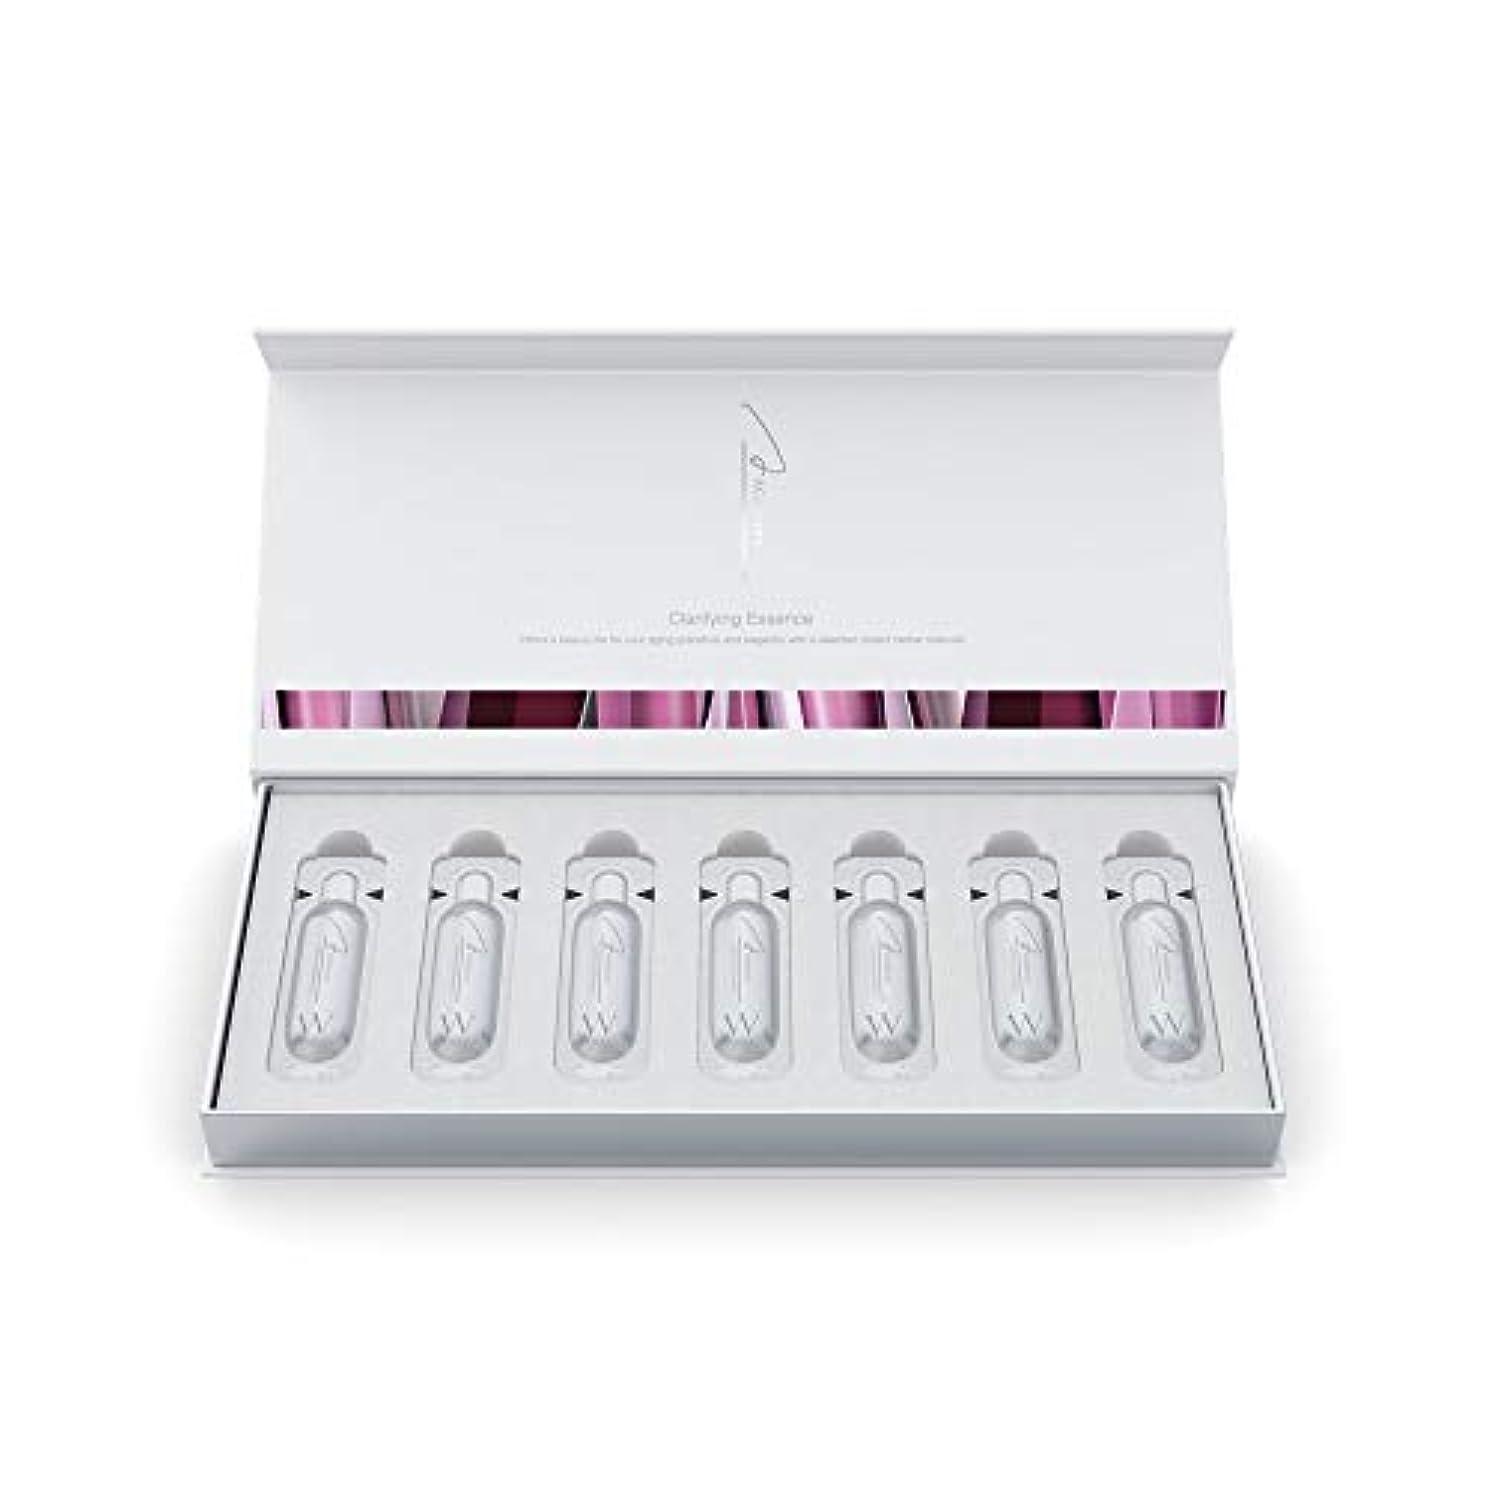 ローズ反動許可アクシージア (AXXZIA) エイジーセオリー クラリファイング エッセンス 28mL(1mL×28本)| 美容液 40代 50代 おススメ 化粧品 ハリ